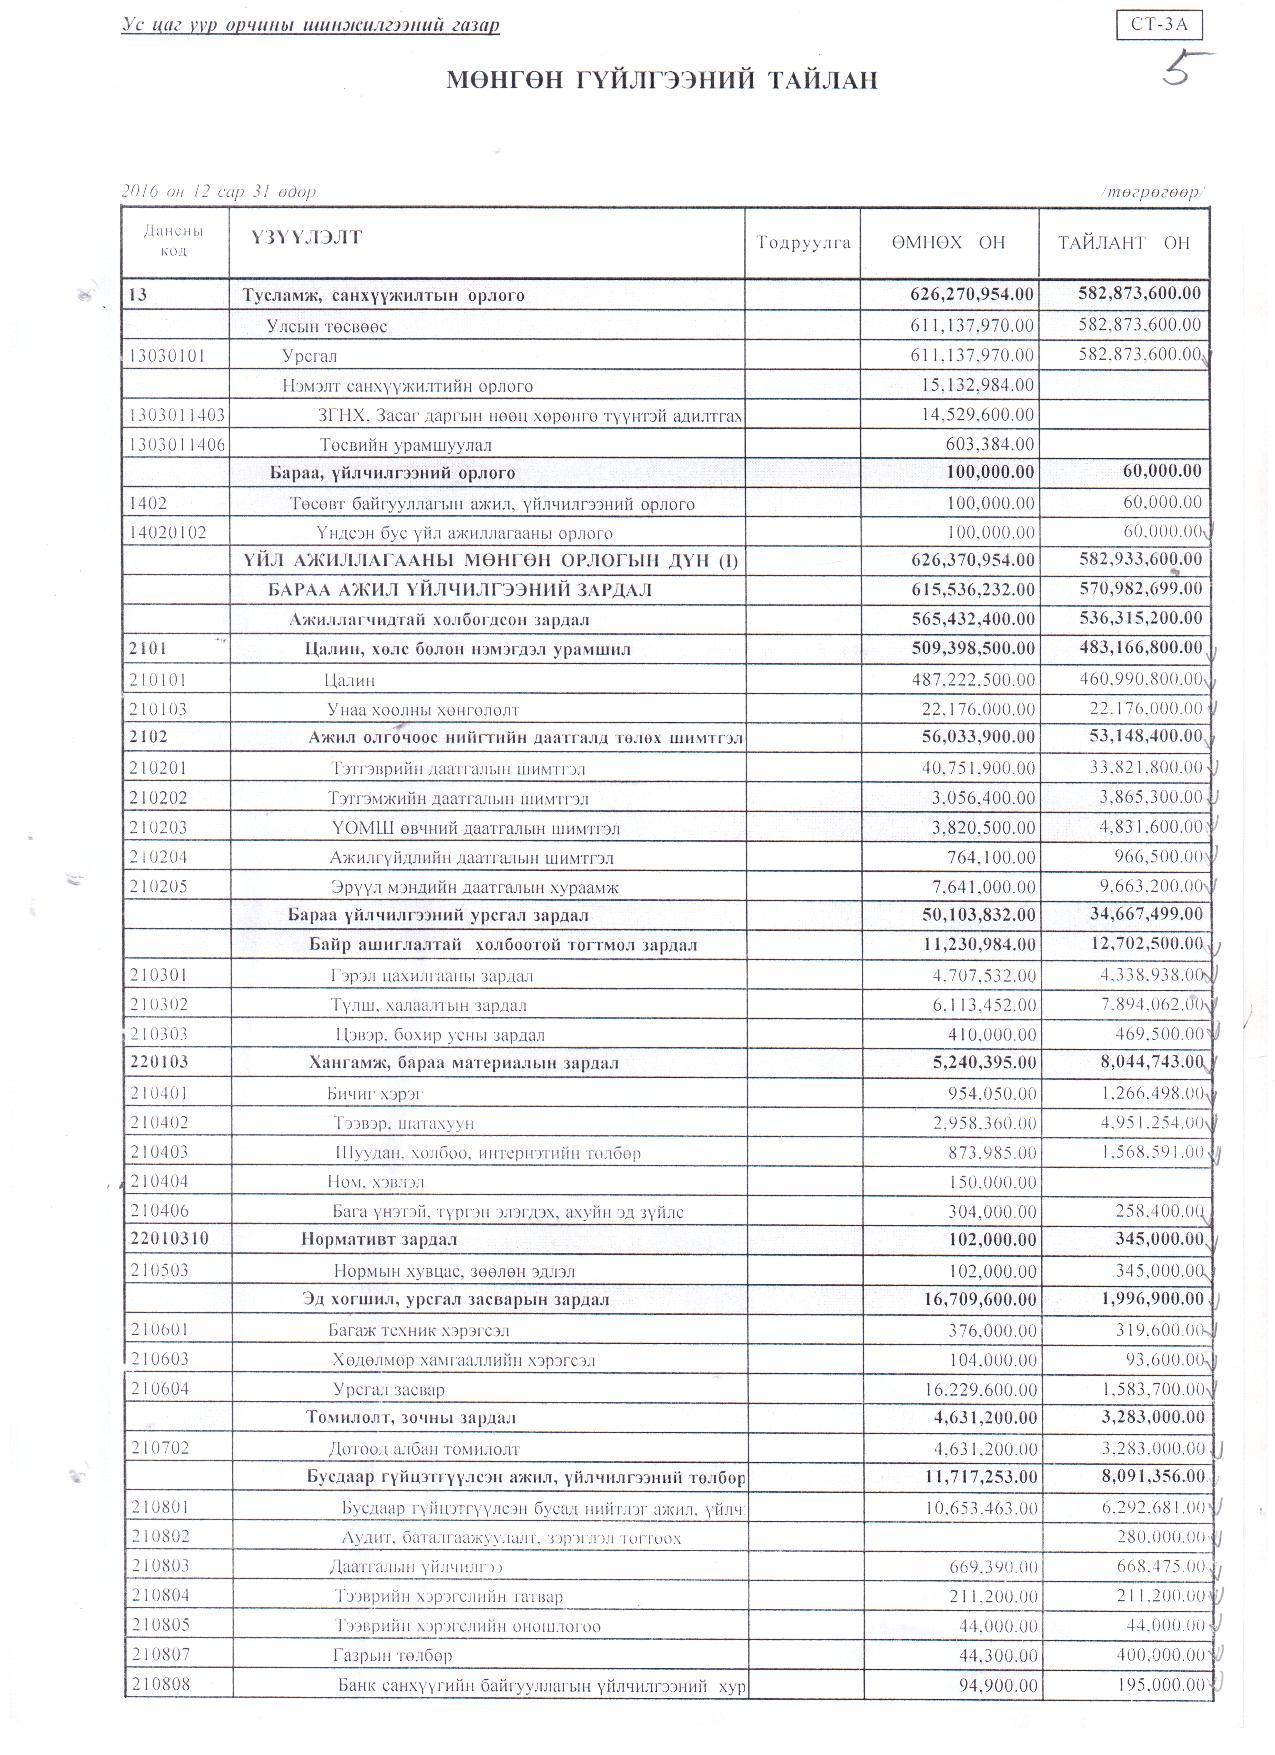 2016 оны санхүүгийн тайлан 6